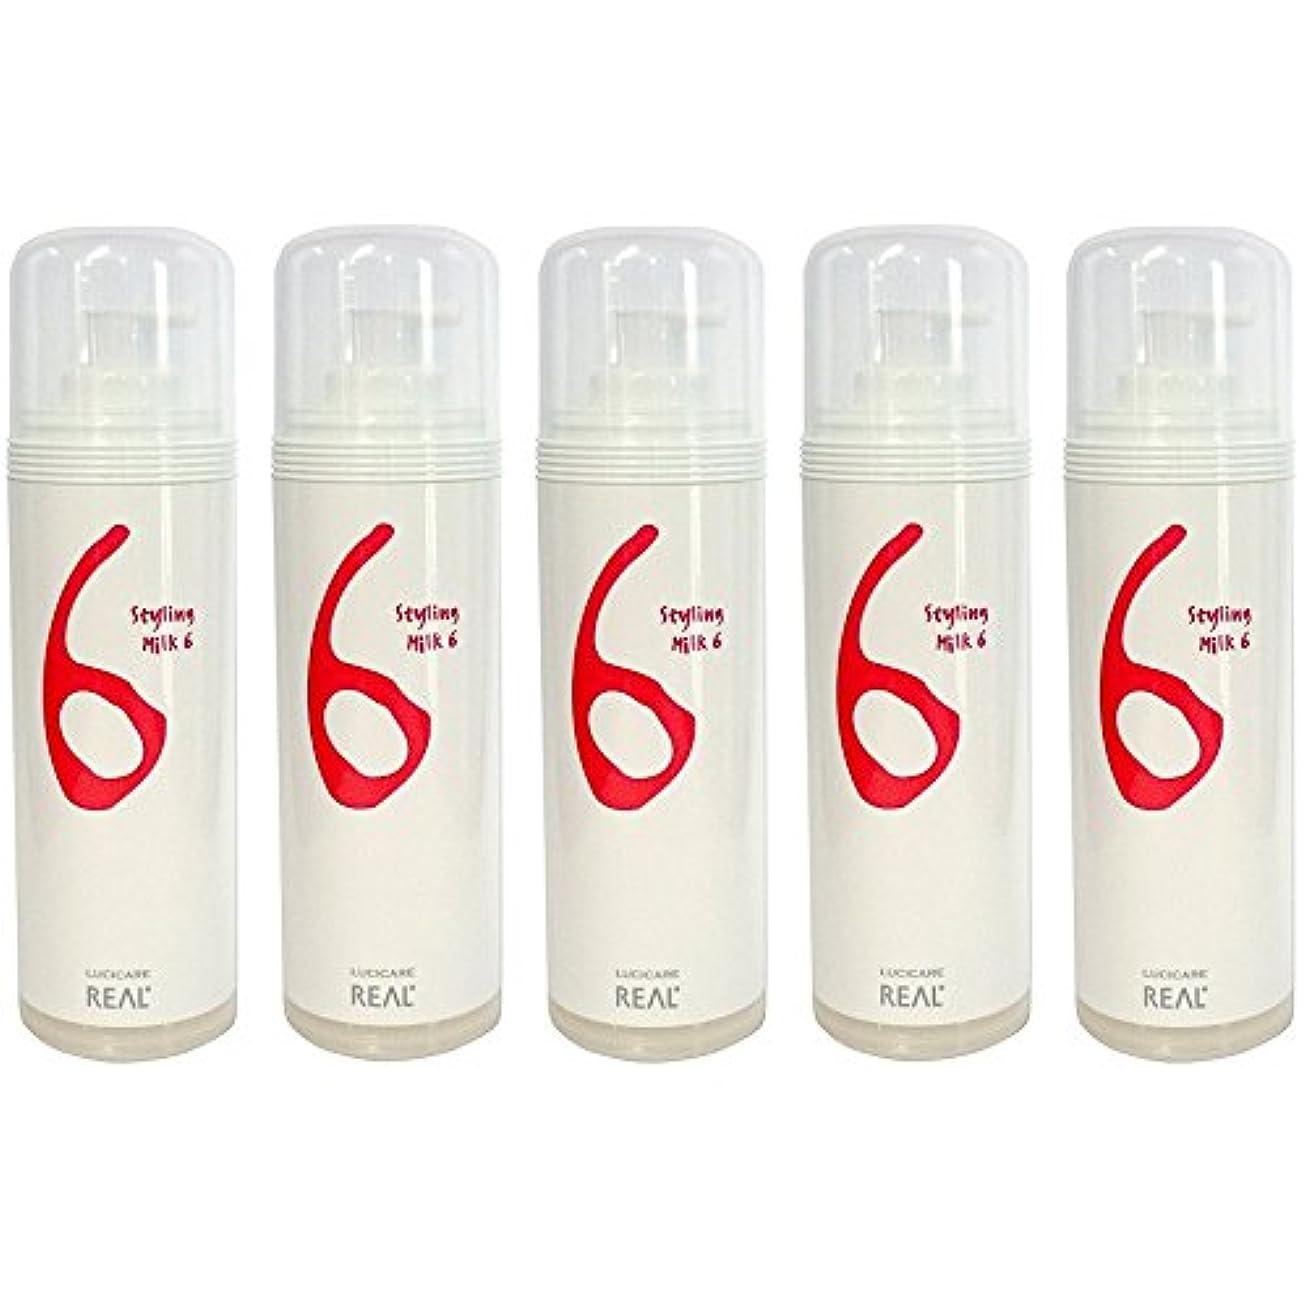 上向きマントル週末【5本セット】 リアル化学 ルシケア スタイリングミルク6 135g